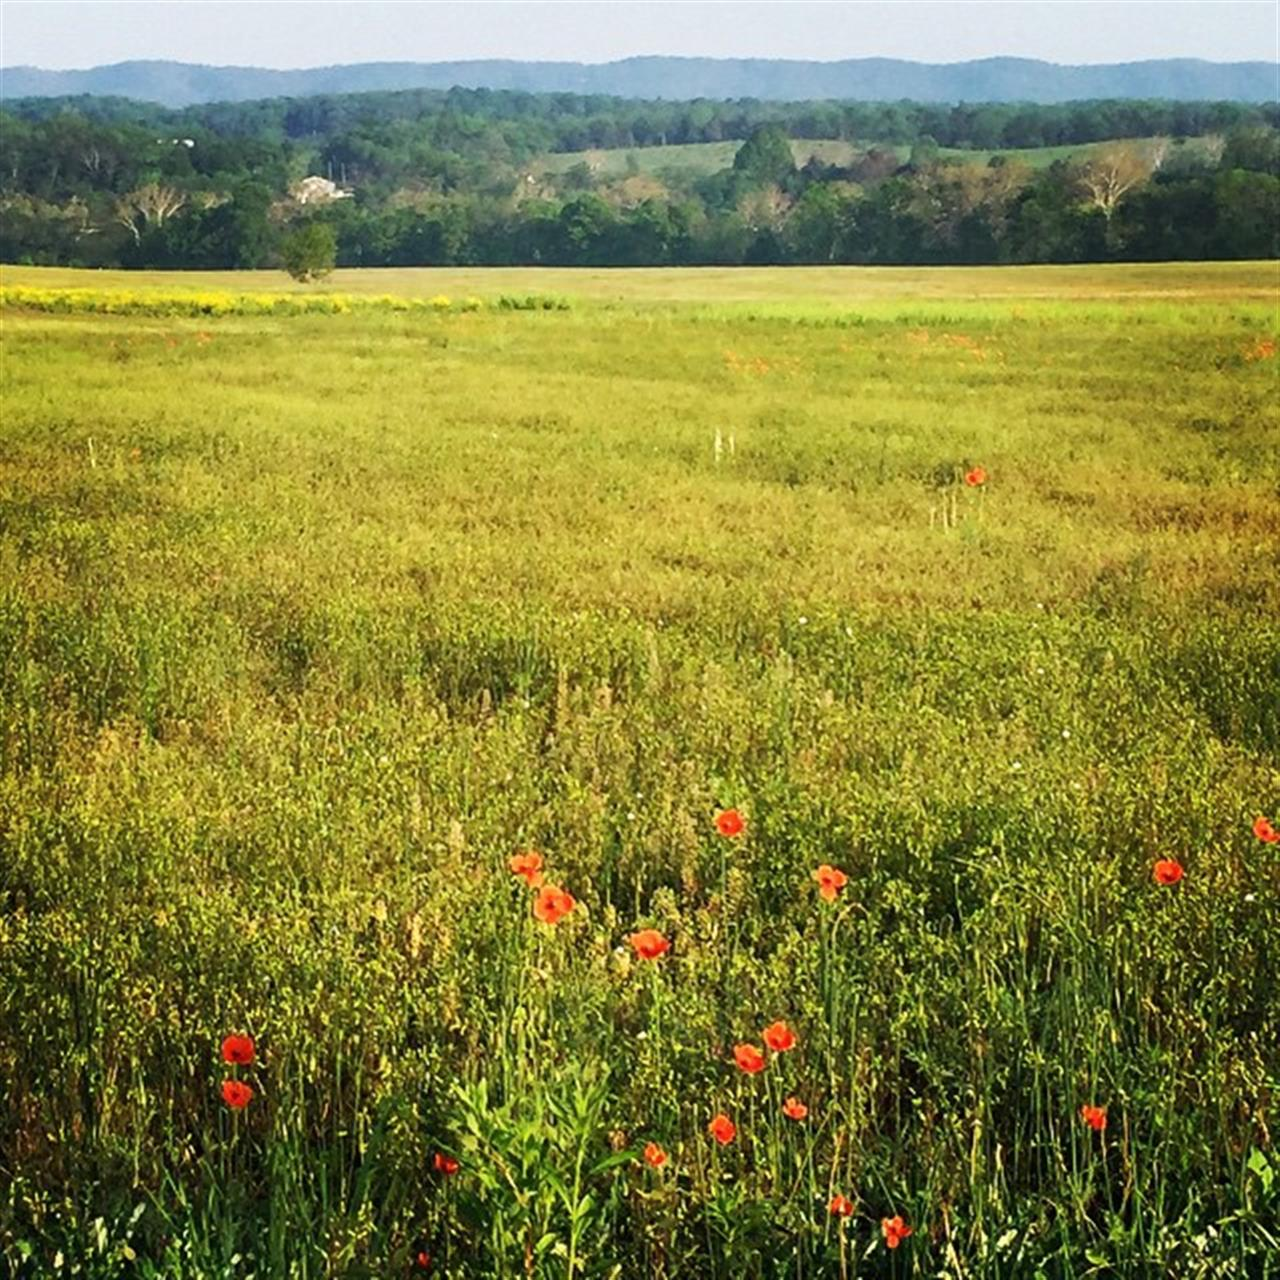 Field of Poppy's - Strasburg, va